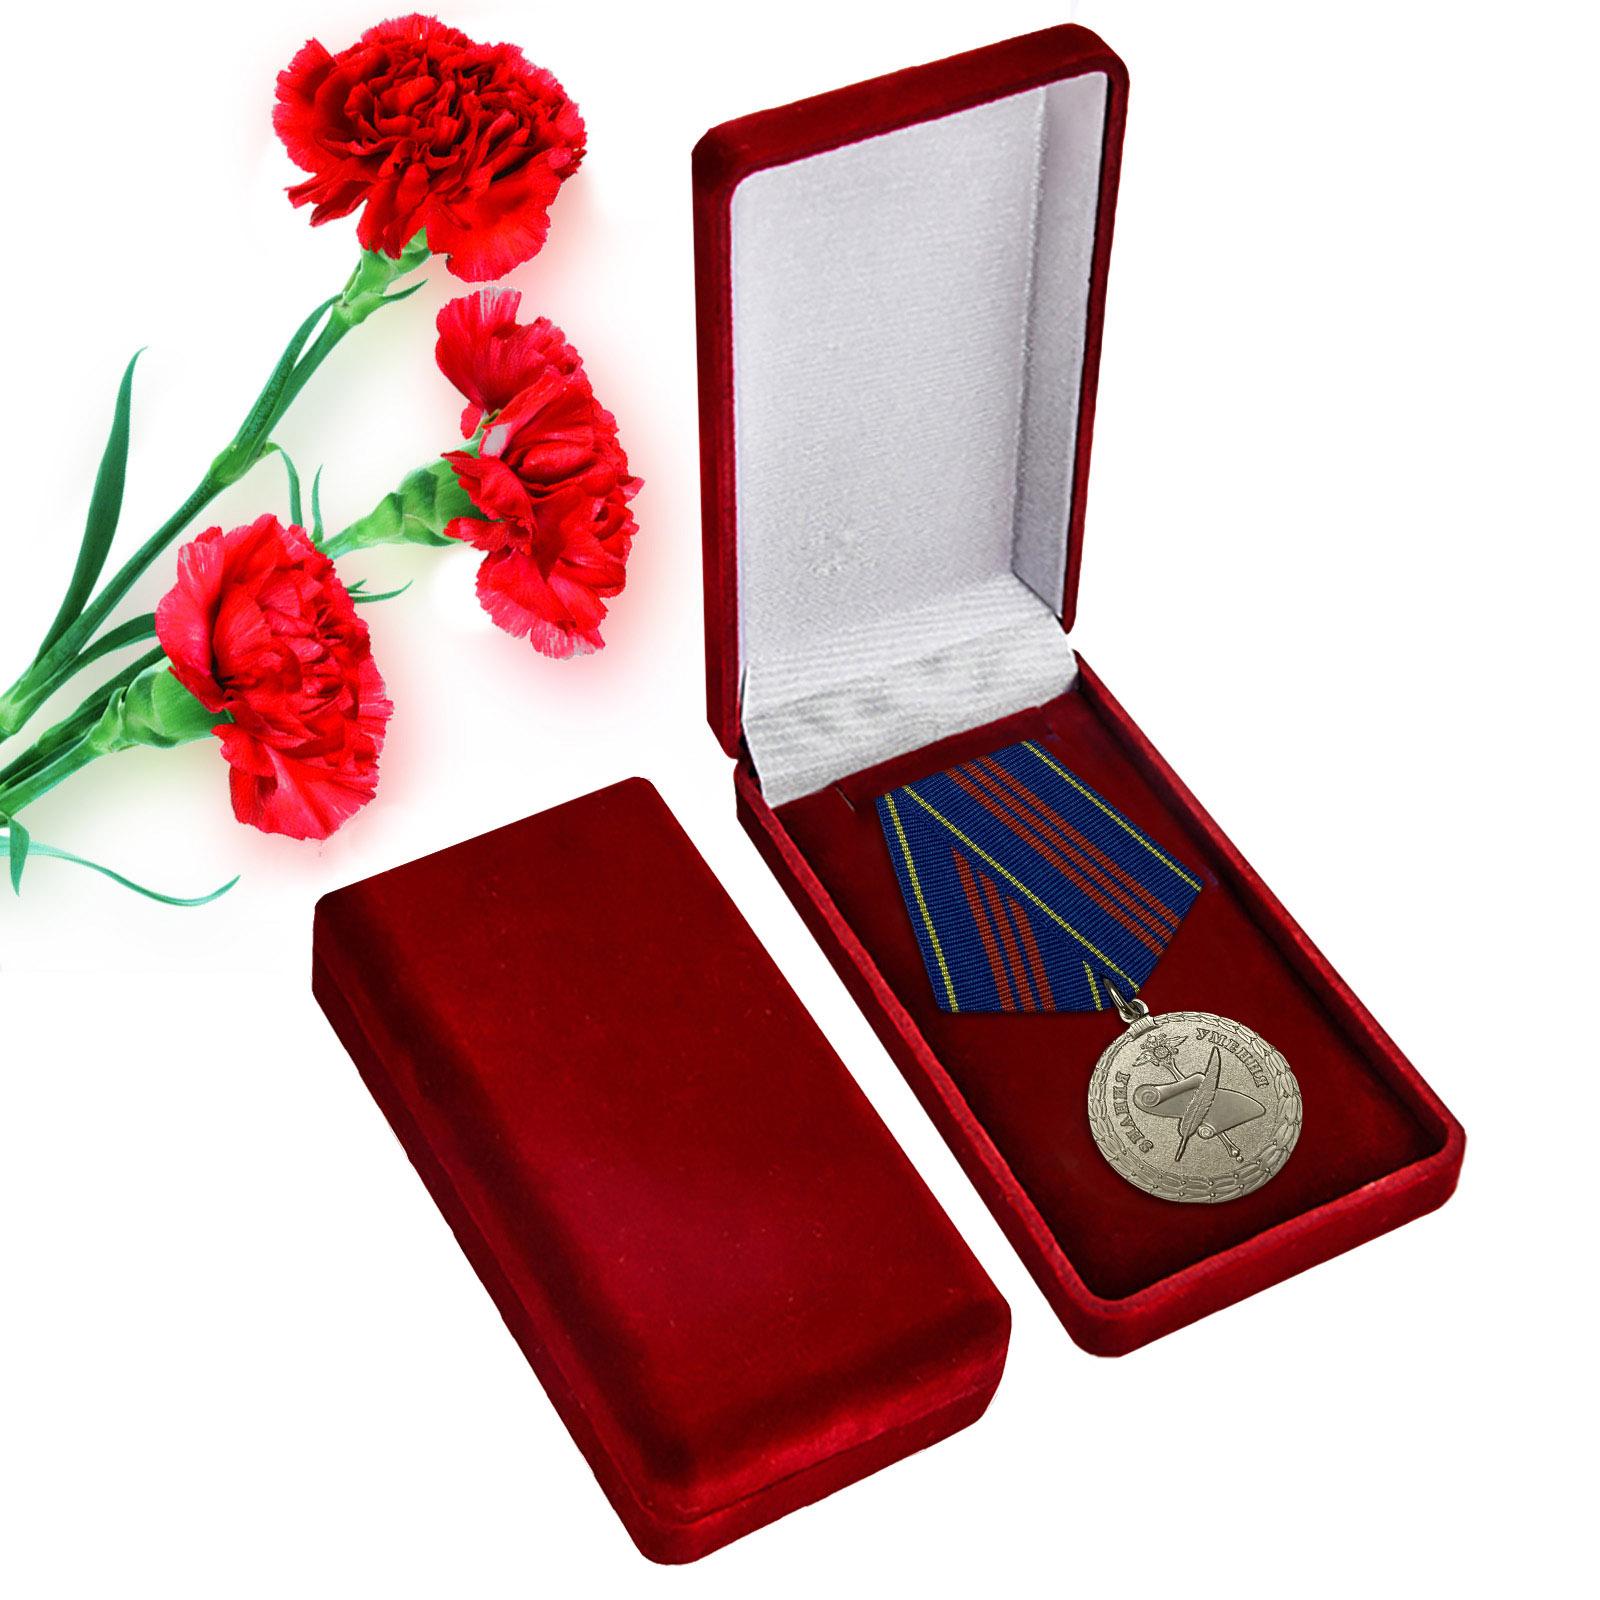 Купить медаль МВД России Управленческая деятельность 3 степени с доставкой